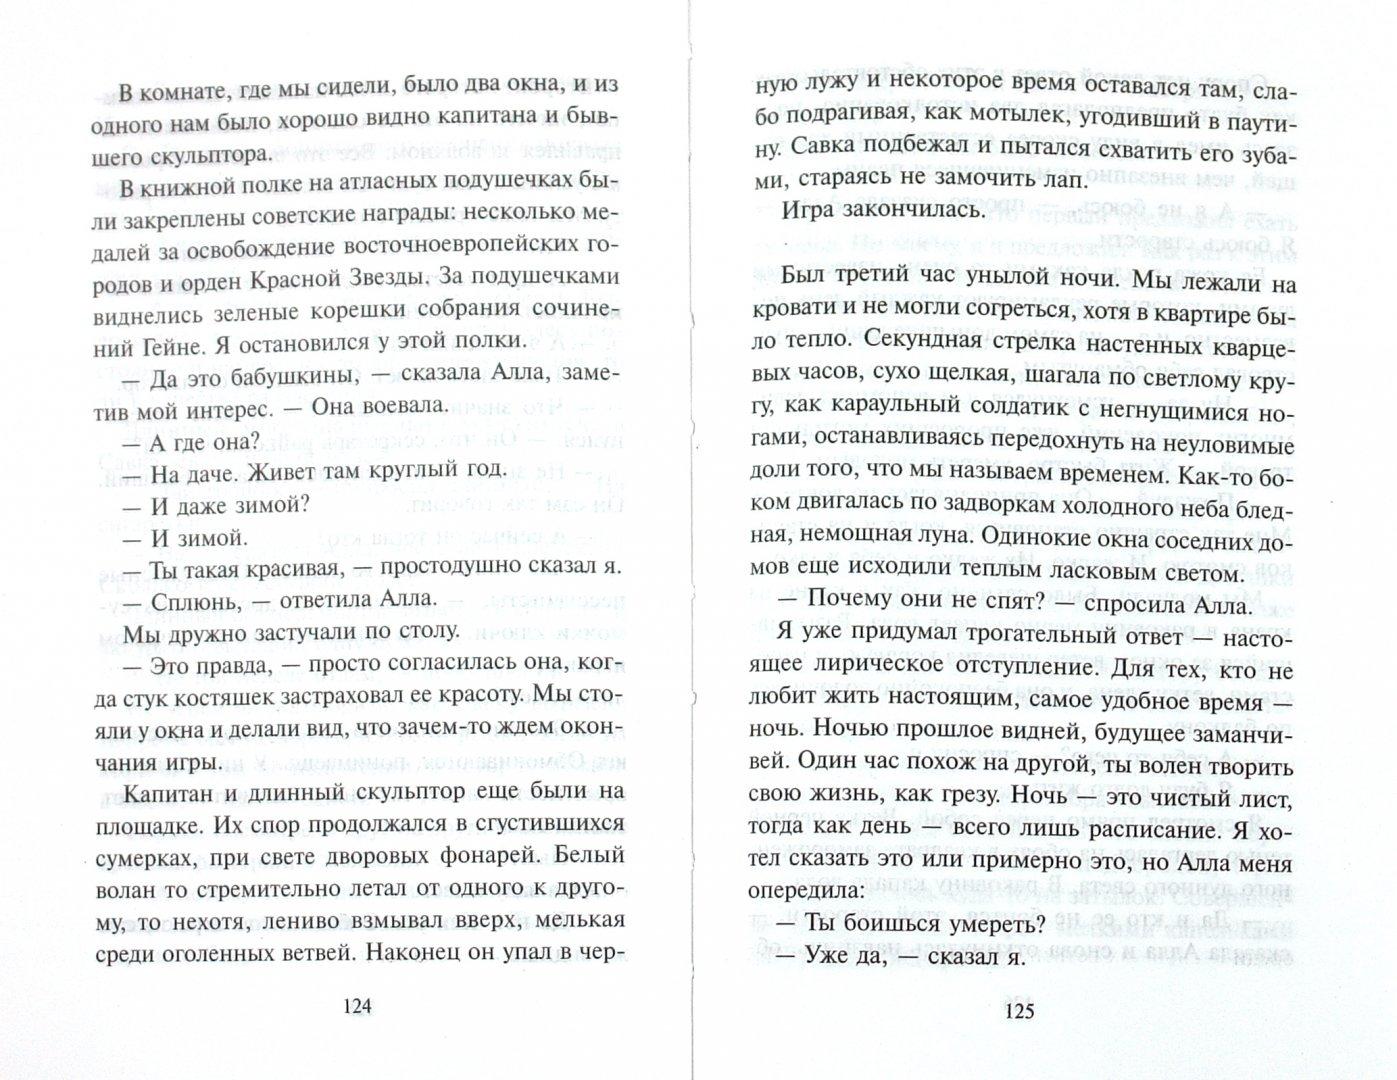 Иллюстрация 1 из 17 для Самоучки - Антон Уткин   Лабиринт - книги. Источник: Лабиринт